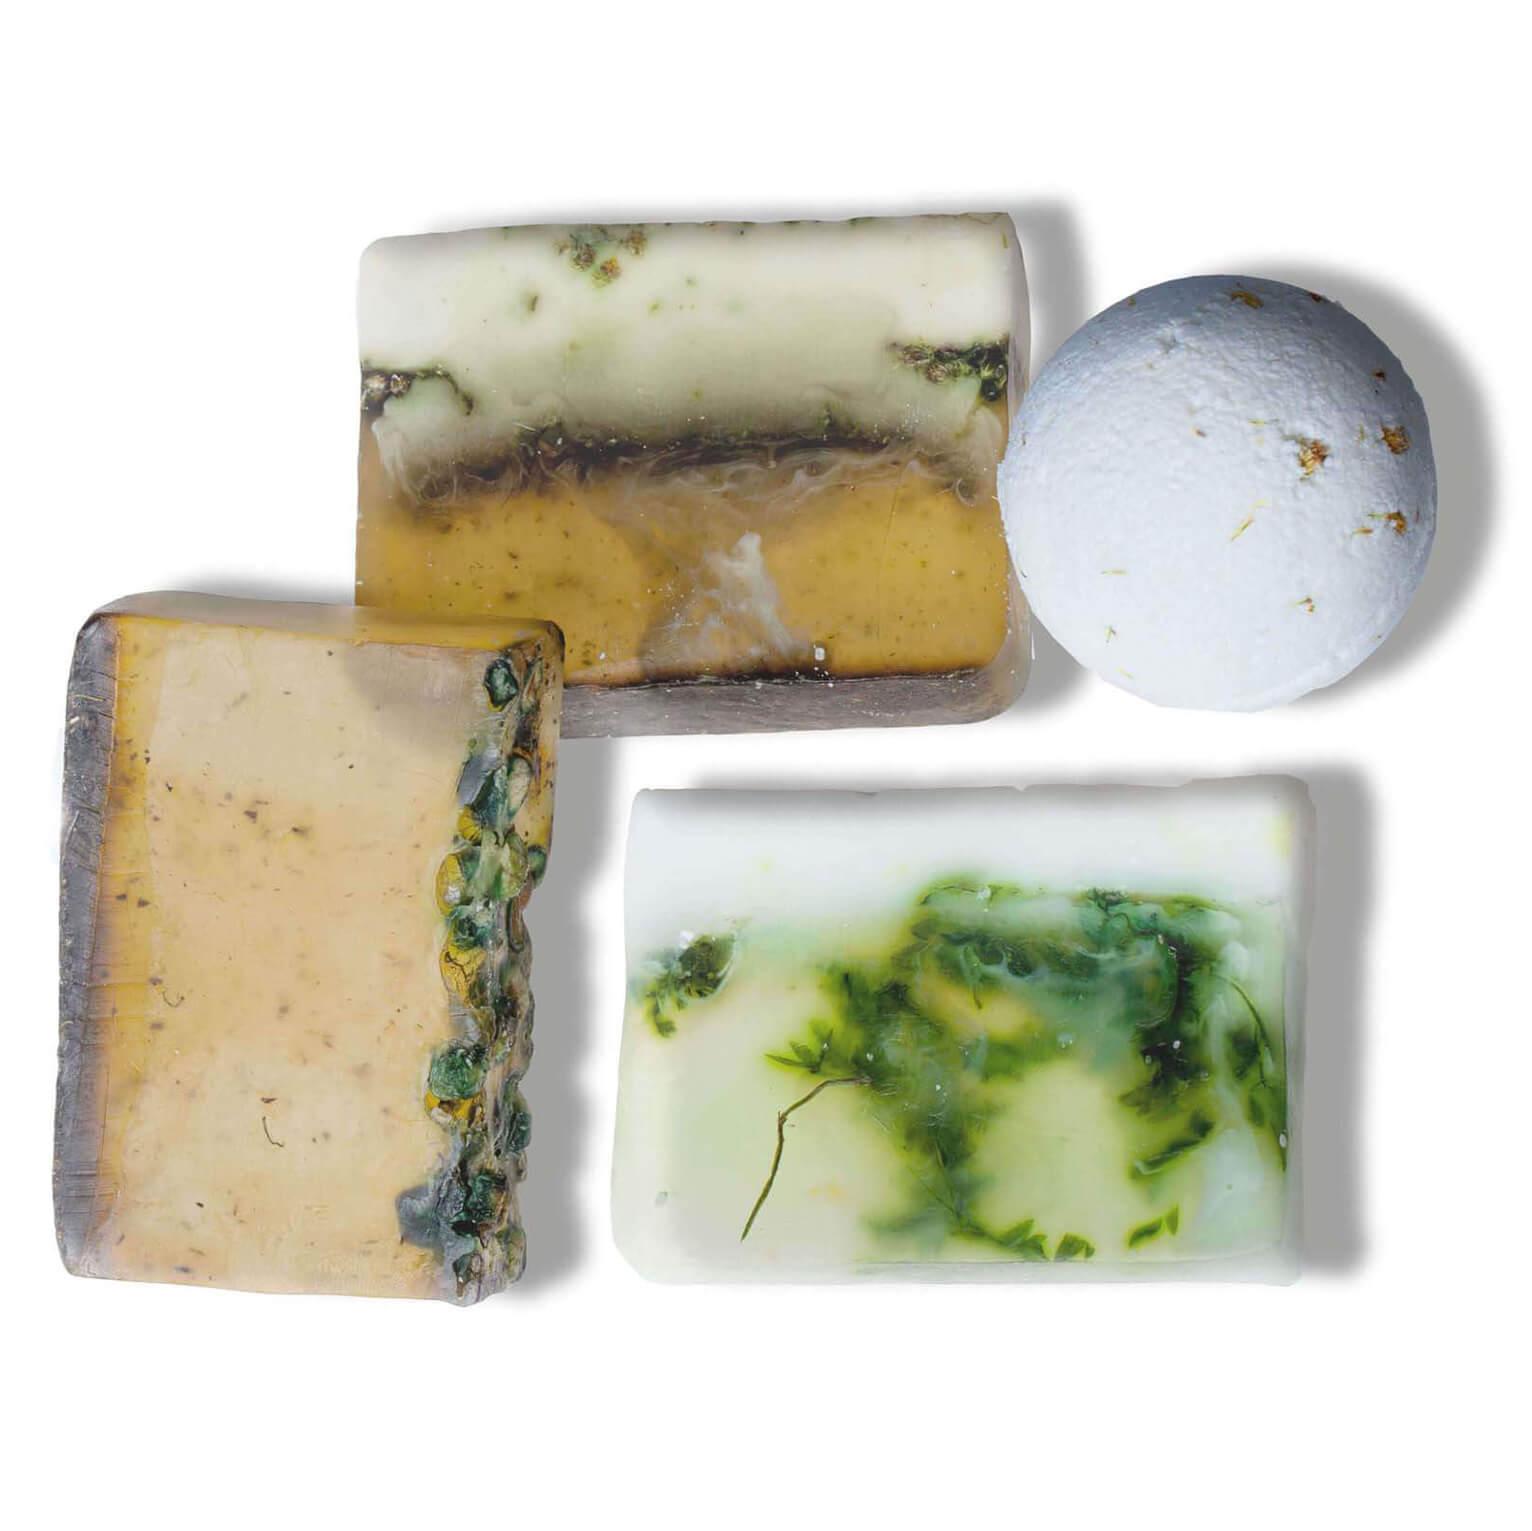 """Набор """"Тонус"""" из трех кусков мыла и бомбы для ванны с ароматами: бергамот, грейпфрут, чабрец и ветивер. Микс этих запахов тонизирует, бодрит и настраивает на новые победы. Идеальный выбор для утренней бьюти-рутины - мыло подходит для умывания и отлично увлажняет кожу. А бодрящая бомба для ванны пригодится перед насыщенным вечером и придаст новых сил."""